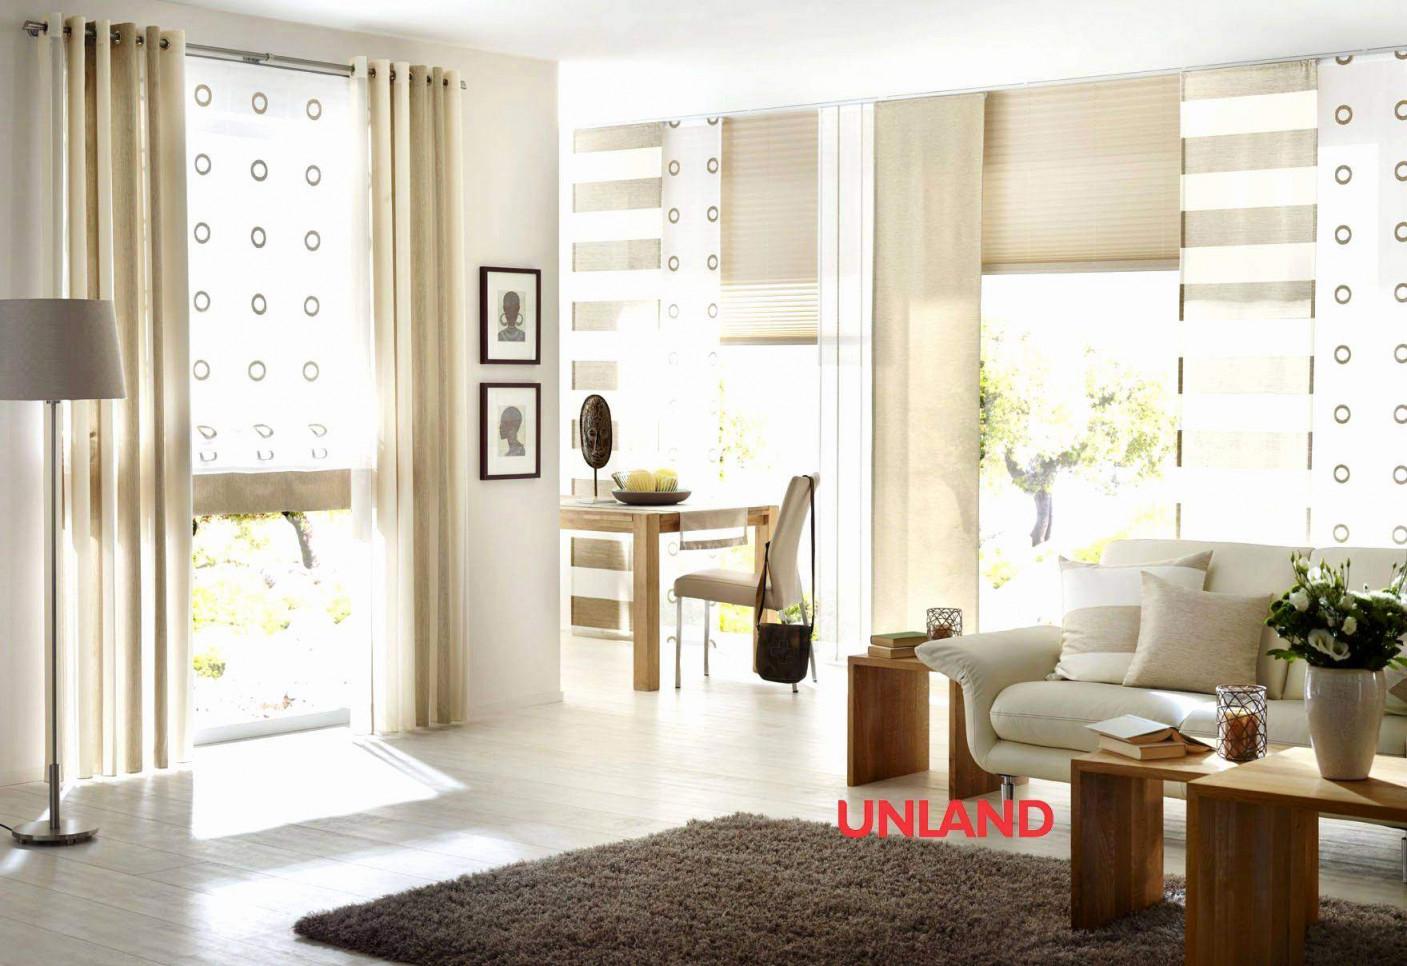 Landhaus Gardinen Wohnzimmer Luxus Lovely Wohnzimmer von Gardinen Ideen Wohnzimmer Landhaus Photo